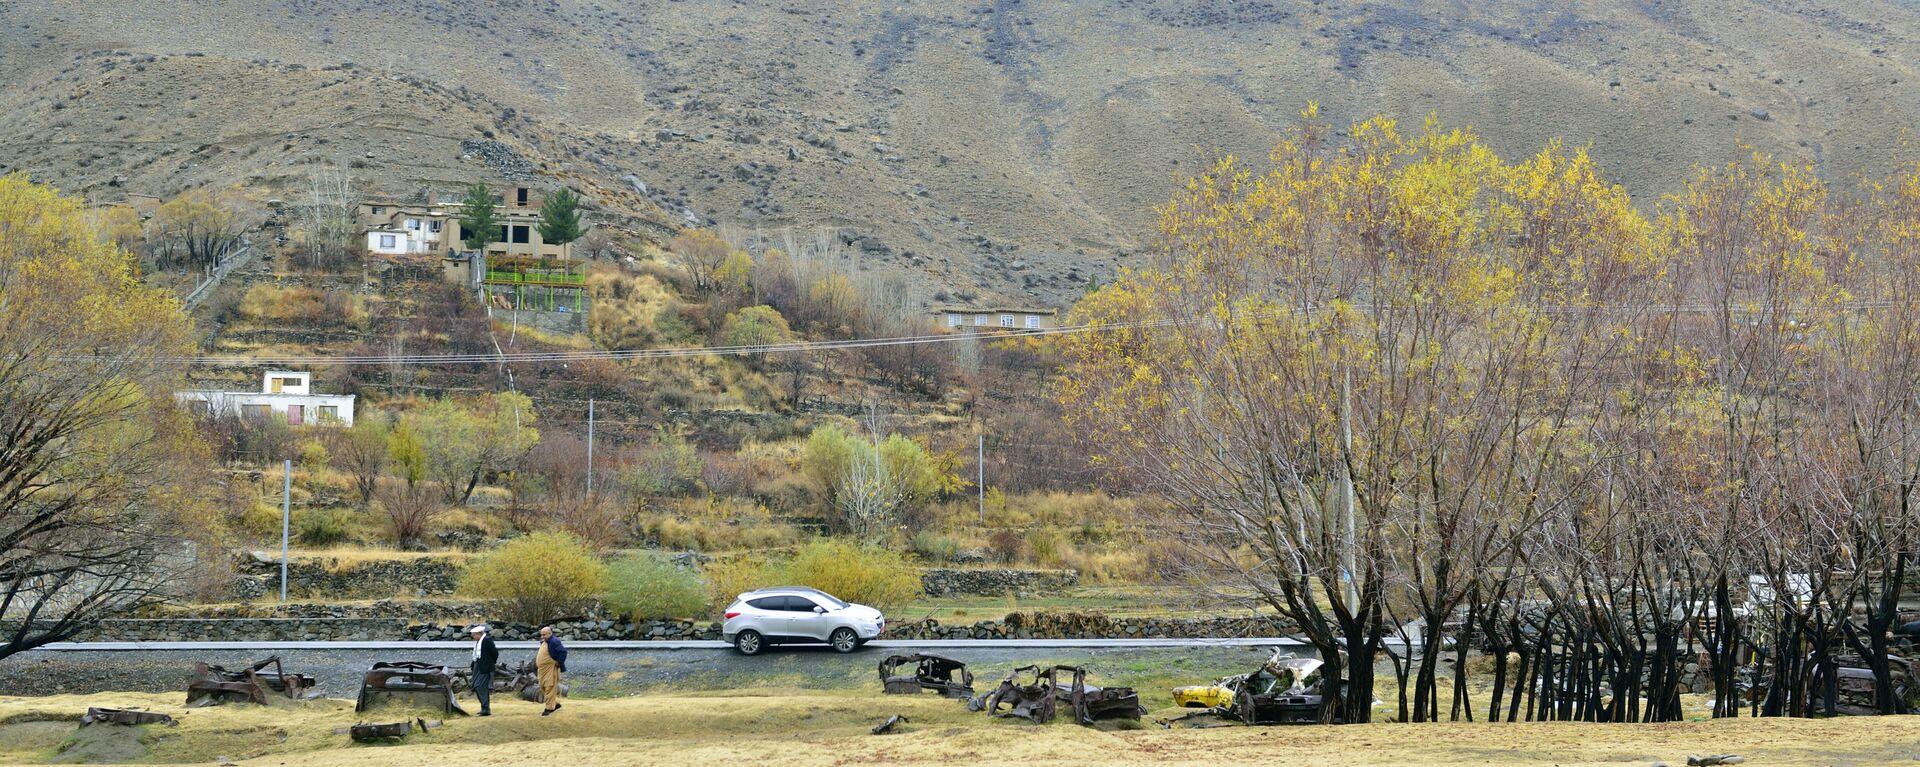 Дорога в провинции Панджшер (Афганистан) - Sputnik Таджикистан, 1920, 09.09.2021